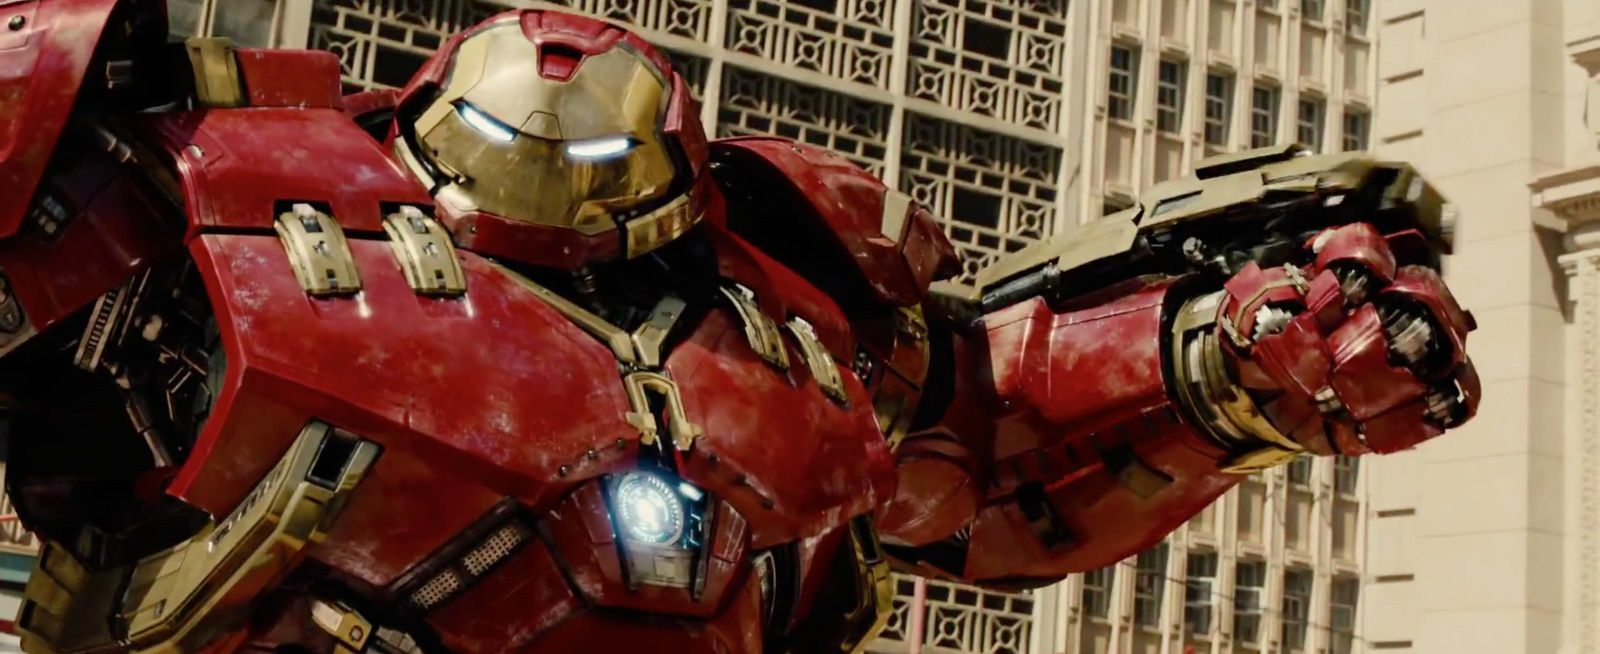 Avengers : L'Ere d'Ultron : Poster &amp&#x3B; Trailer